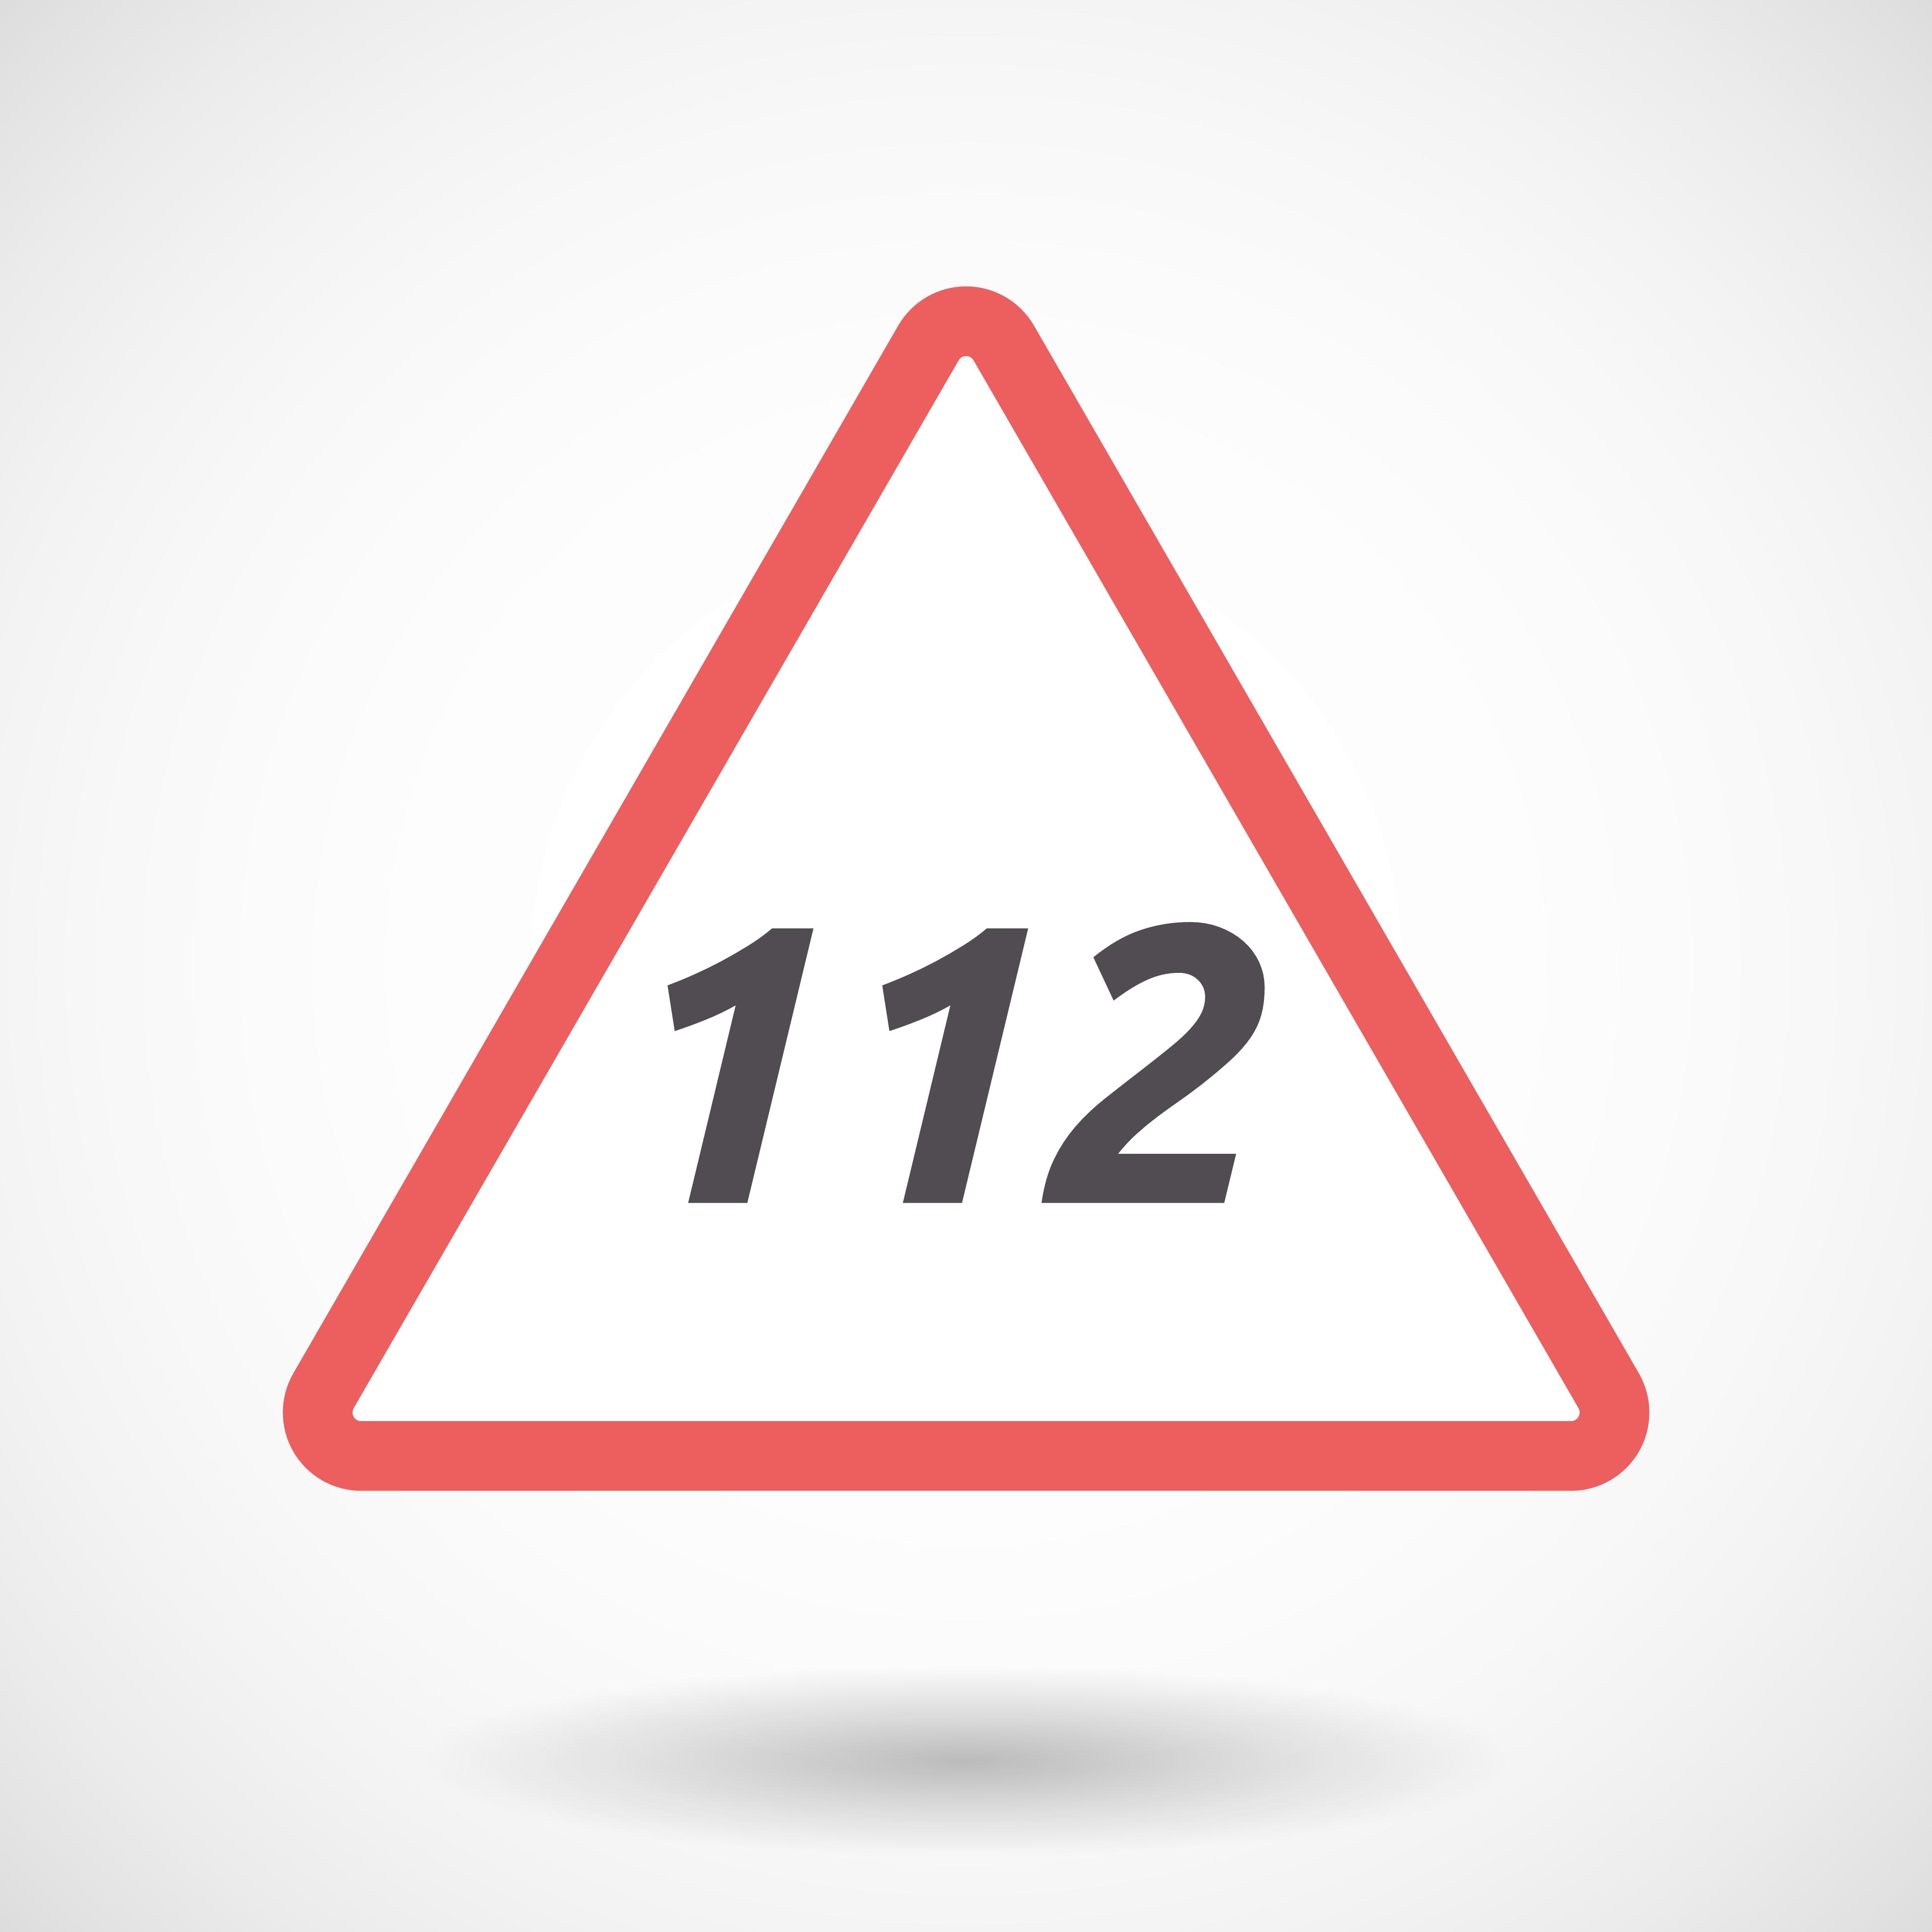 Notfallnummer 112